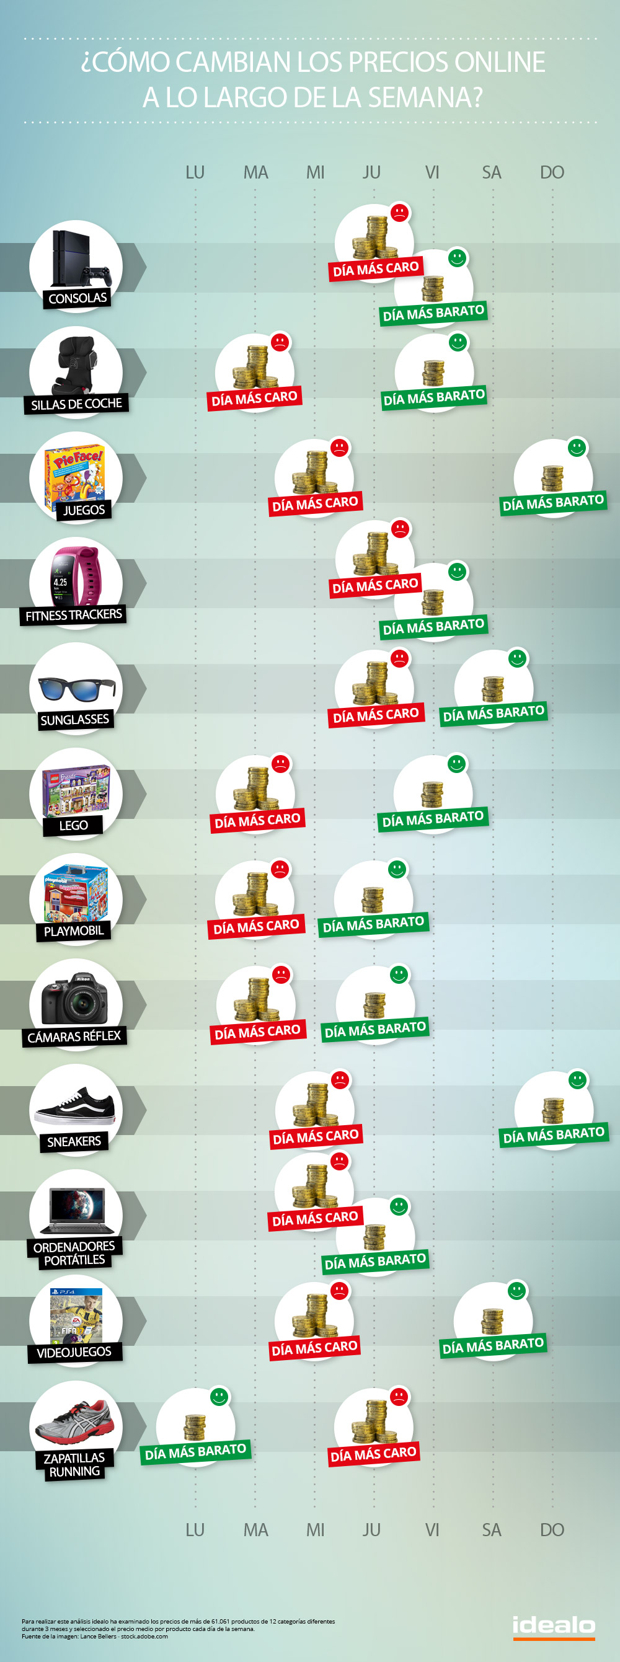 El viernes es el día más barato para comprar en Internet